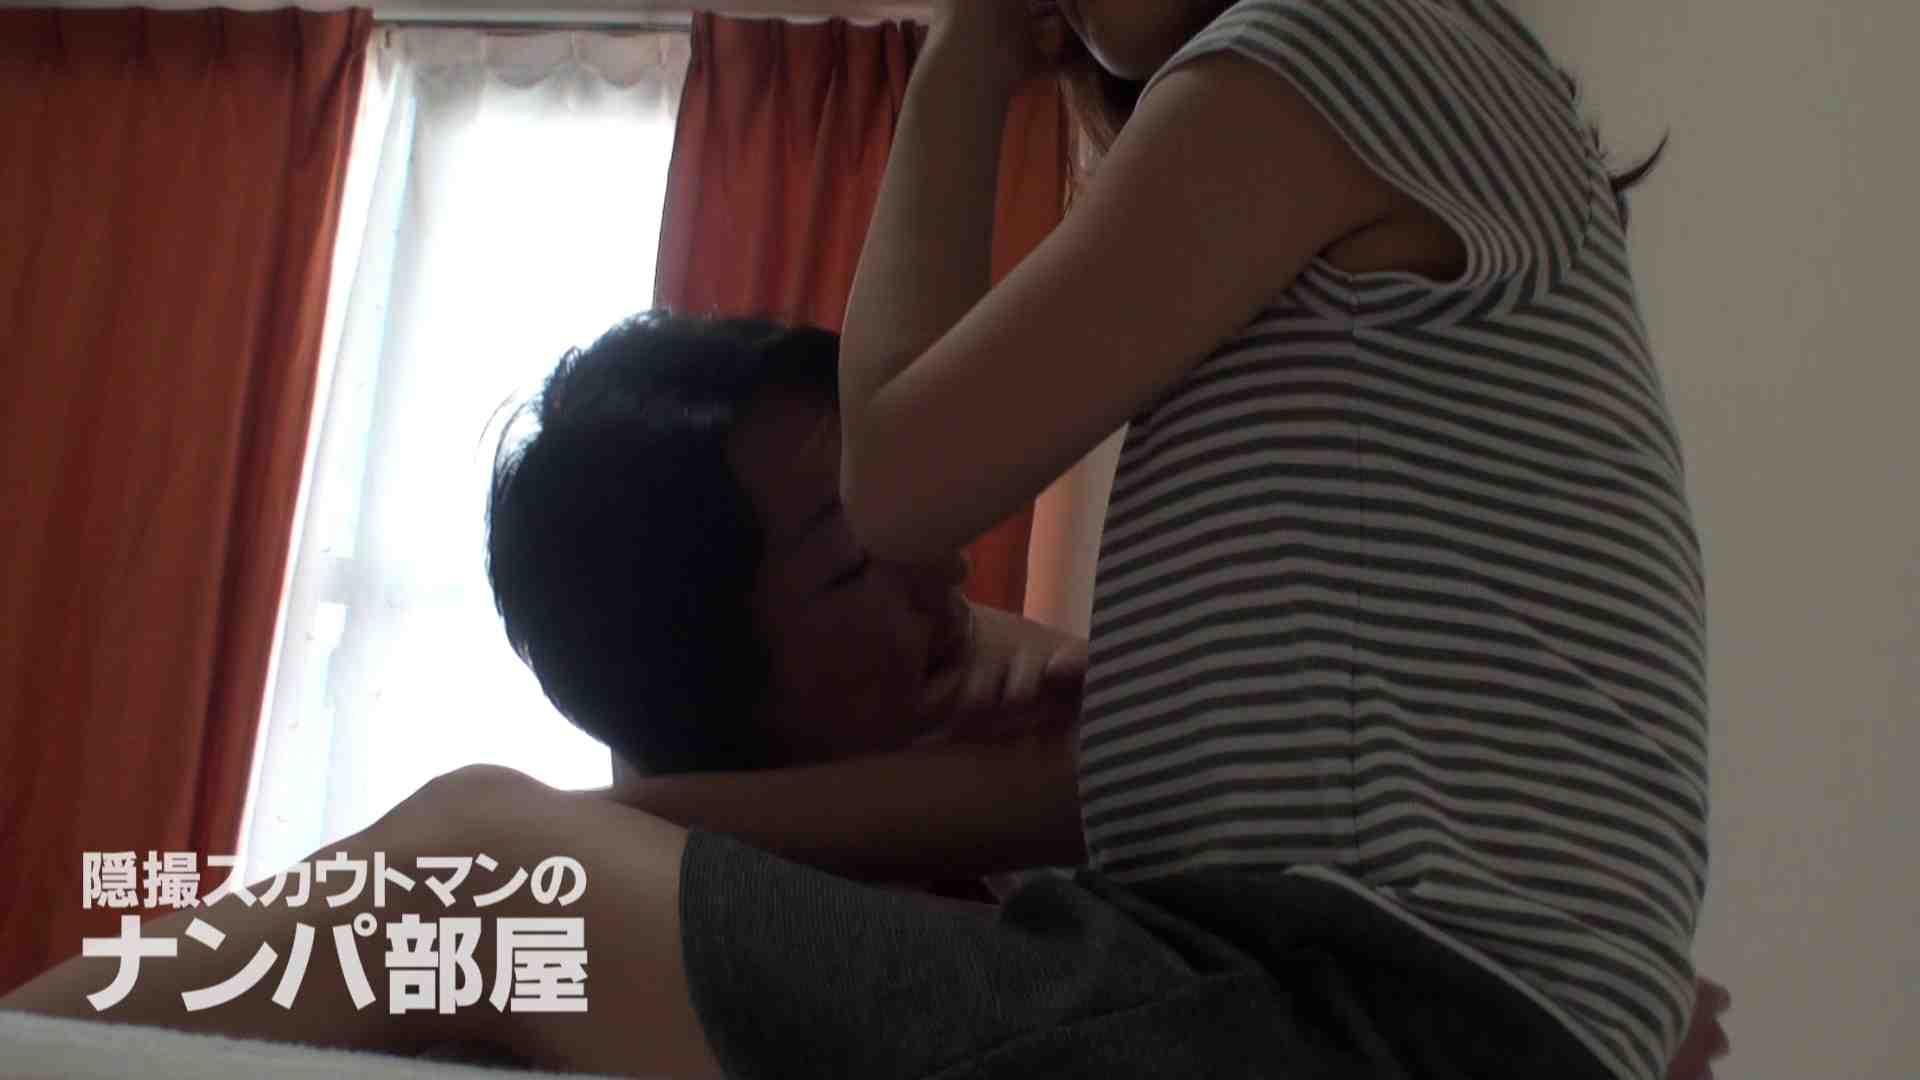 隠撮スカウトマンのナンパ部屋~風俗デビュー前のつまみ食い~ siivol.3 ナンパ  92PIX 44